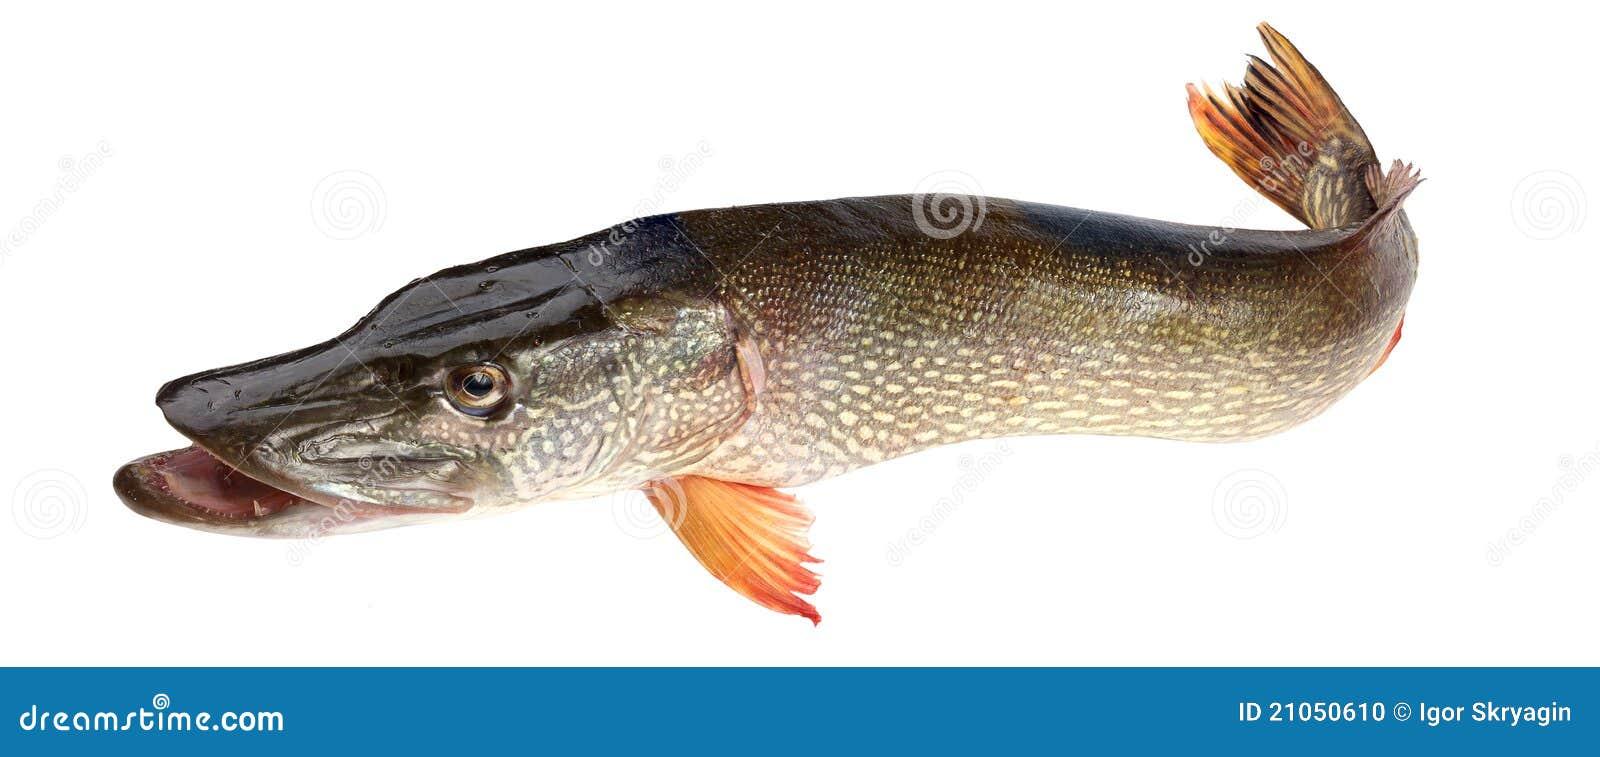 Brochet de poissons